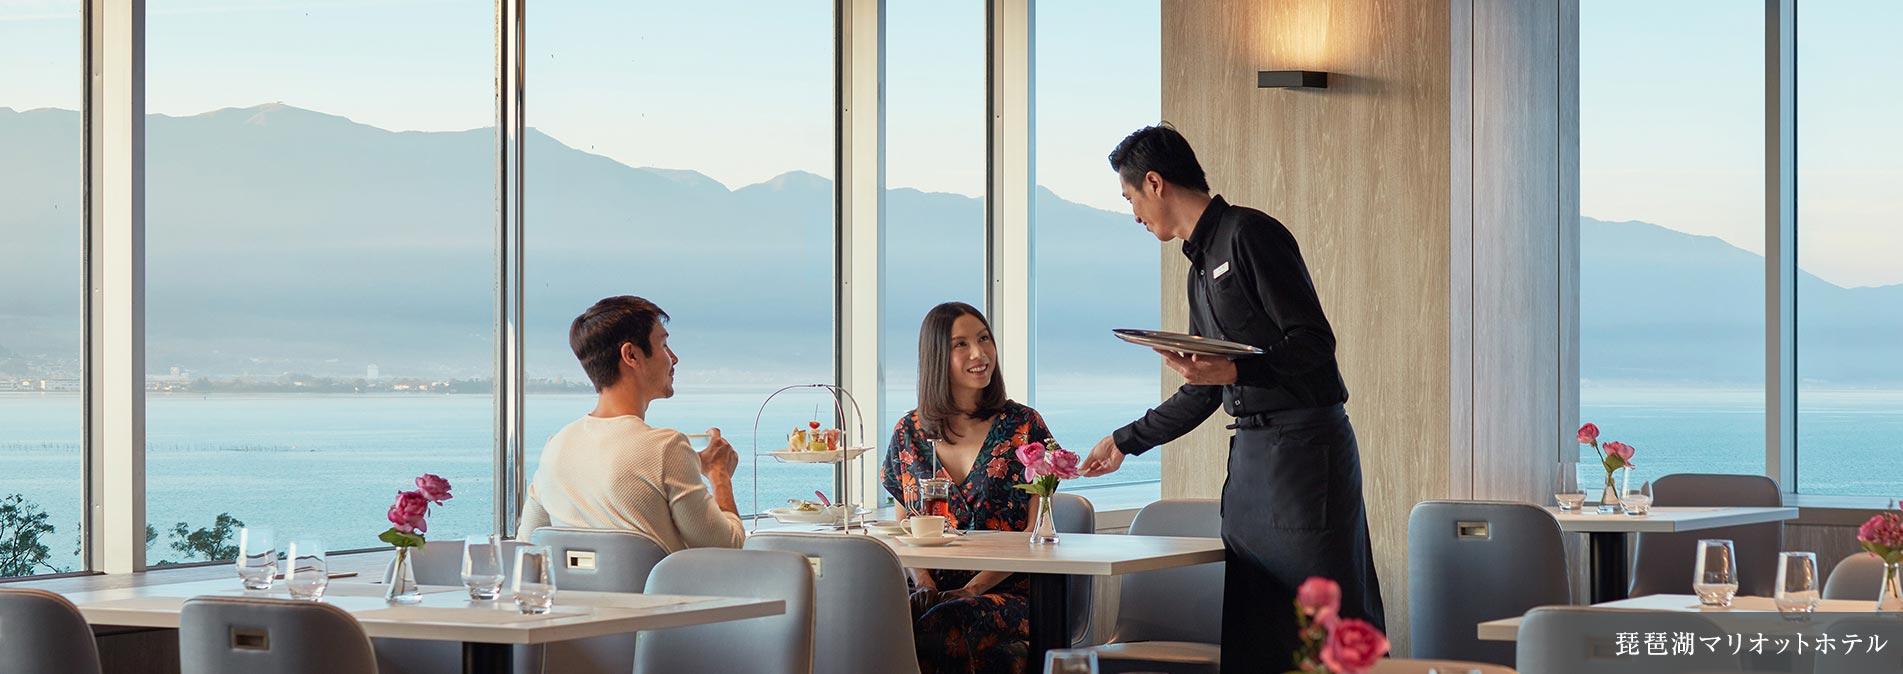 5琵琶湖マリオットホテル